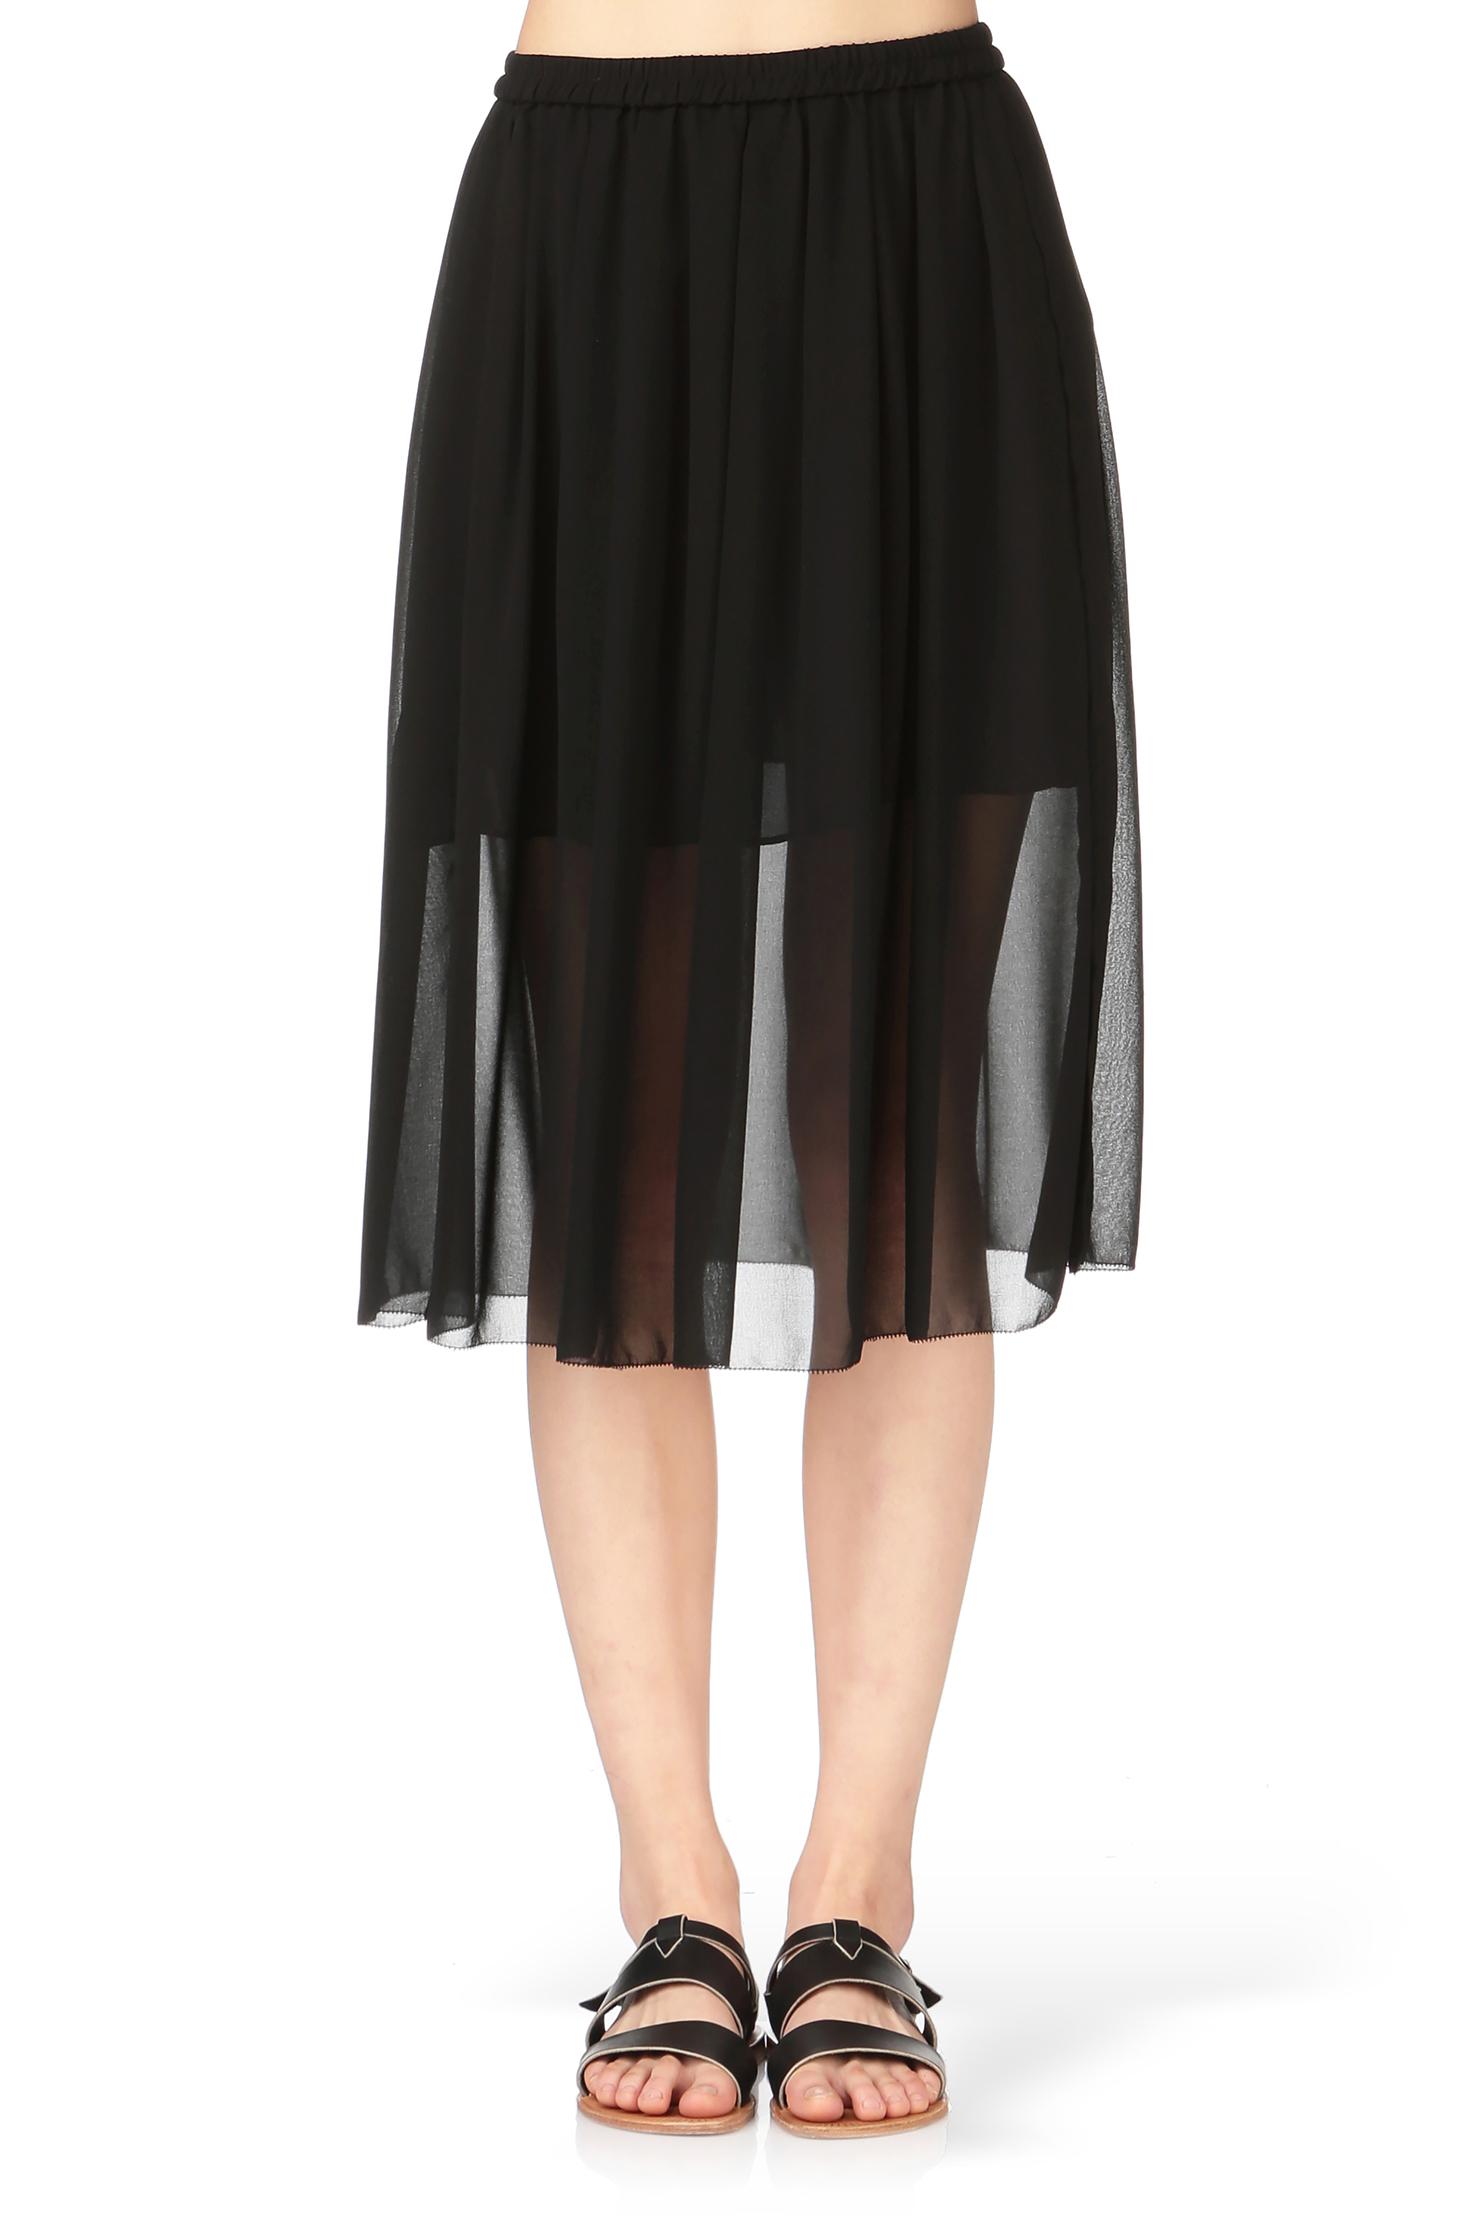 sams 248 e sams 248 e midi skirt maxi skirt in black lyst